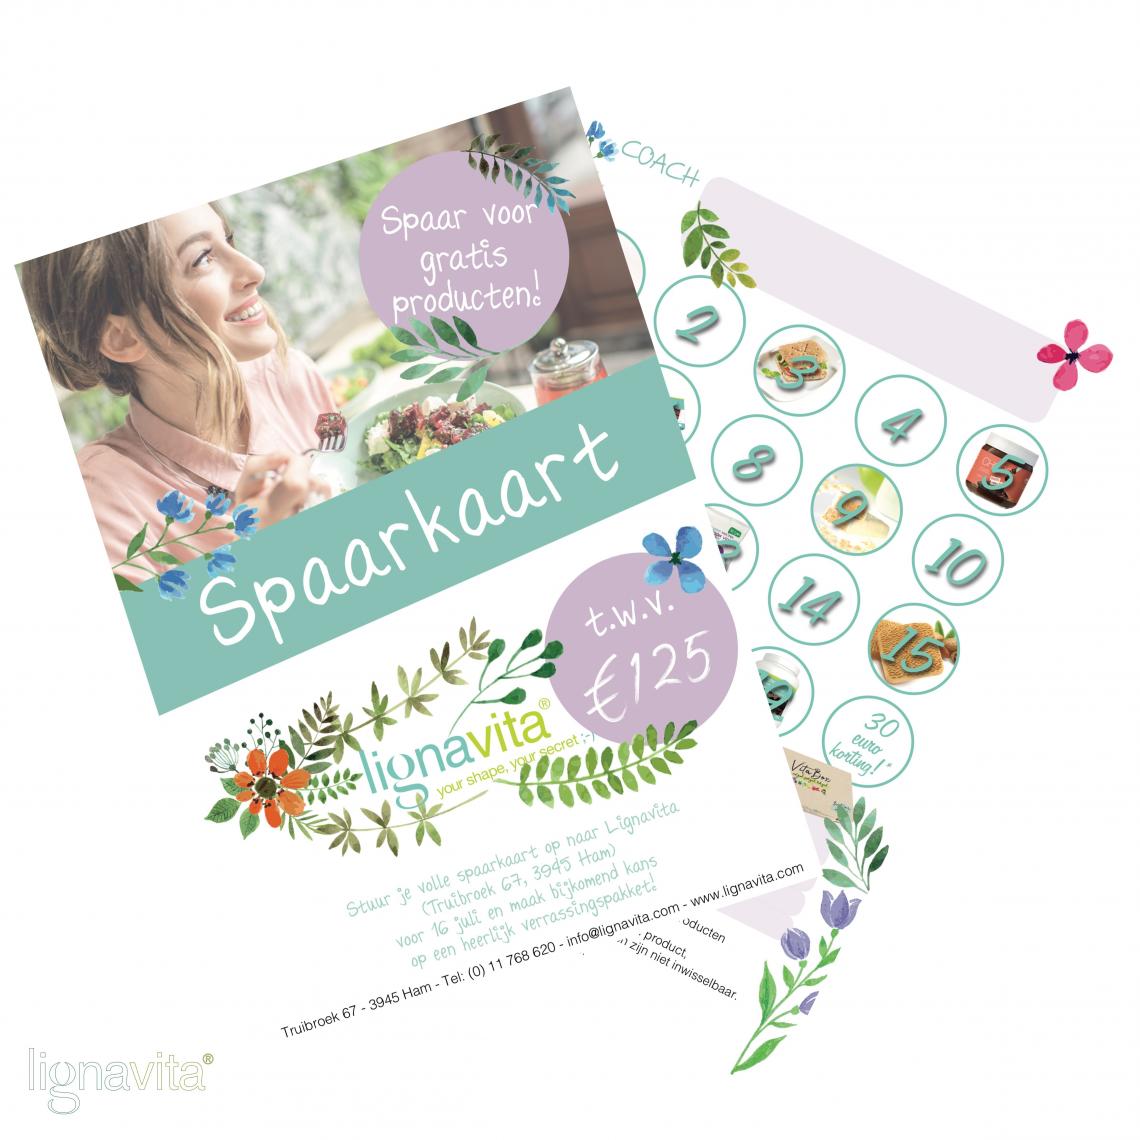 Zensation - foto Lignavita spaarkaartactie - Spaar voor gratis producten